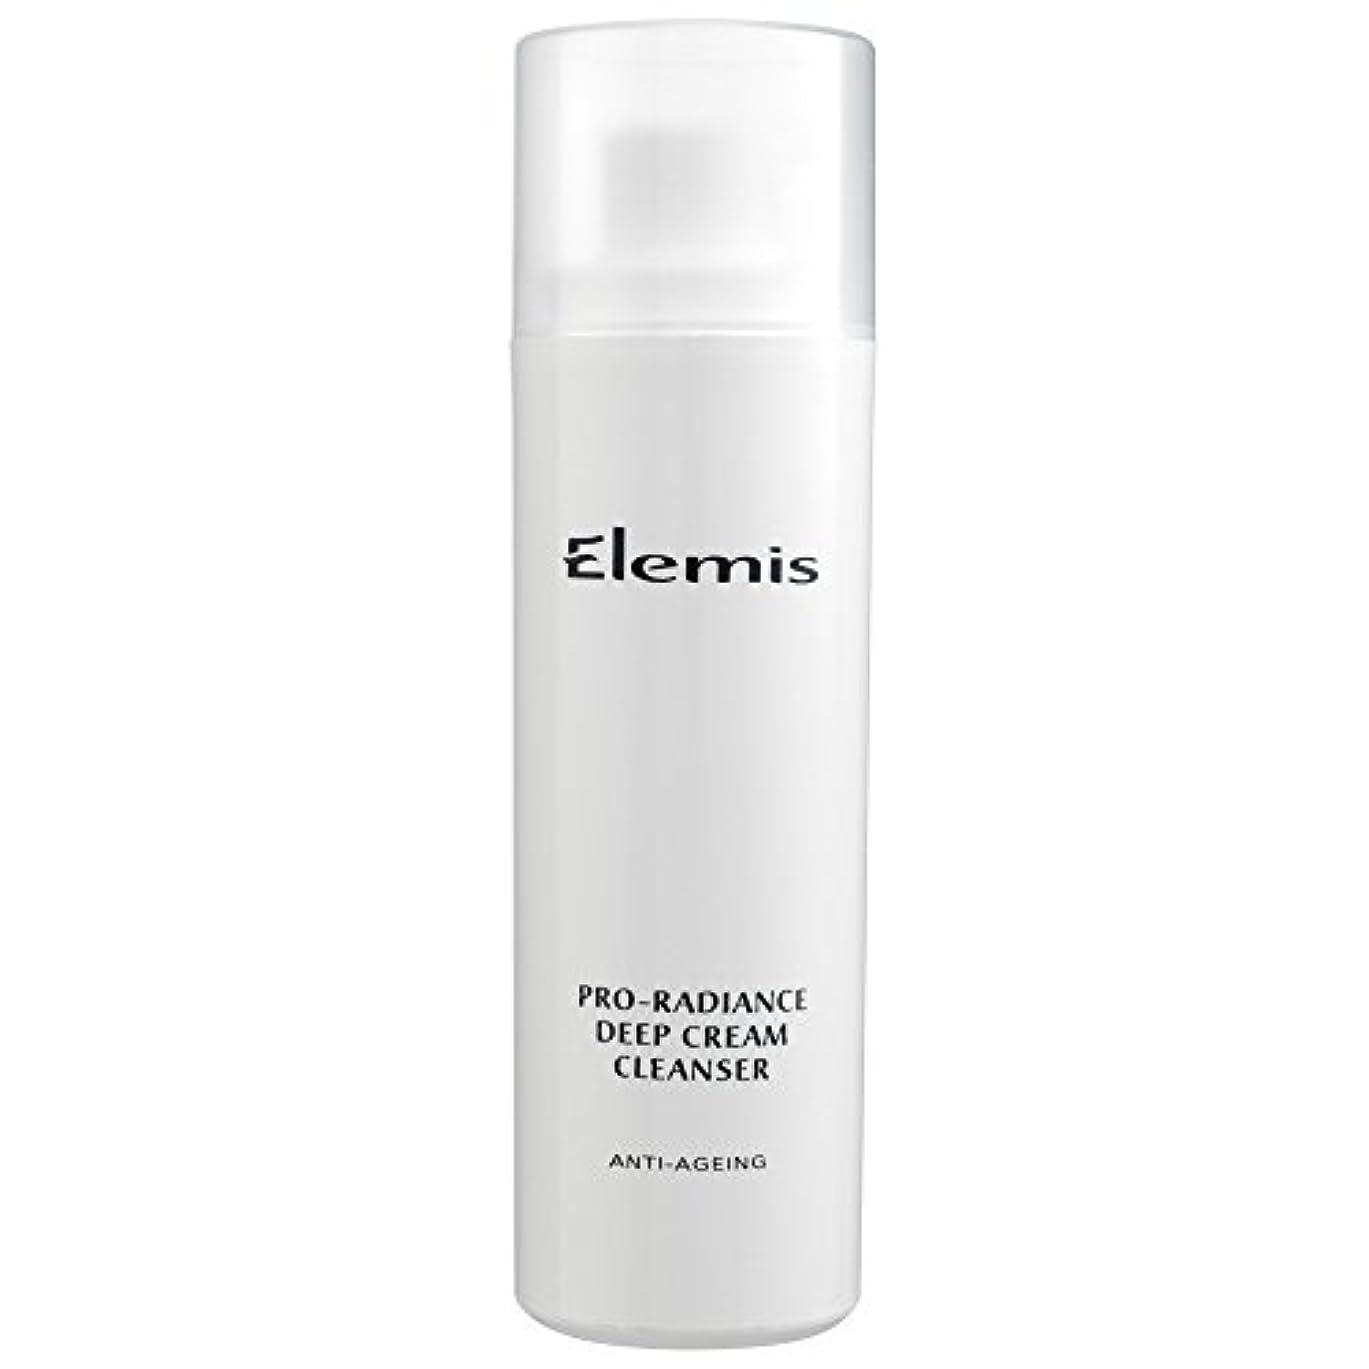 そのようなママセレナエレミスプロ輝きクリームクレンザー、150ミリリットル (Elemis) (x2) - Elemis Pro-Radiance Cream Cleanser, 150ml (Pack of 2) [並行輸入品]